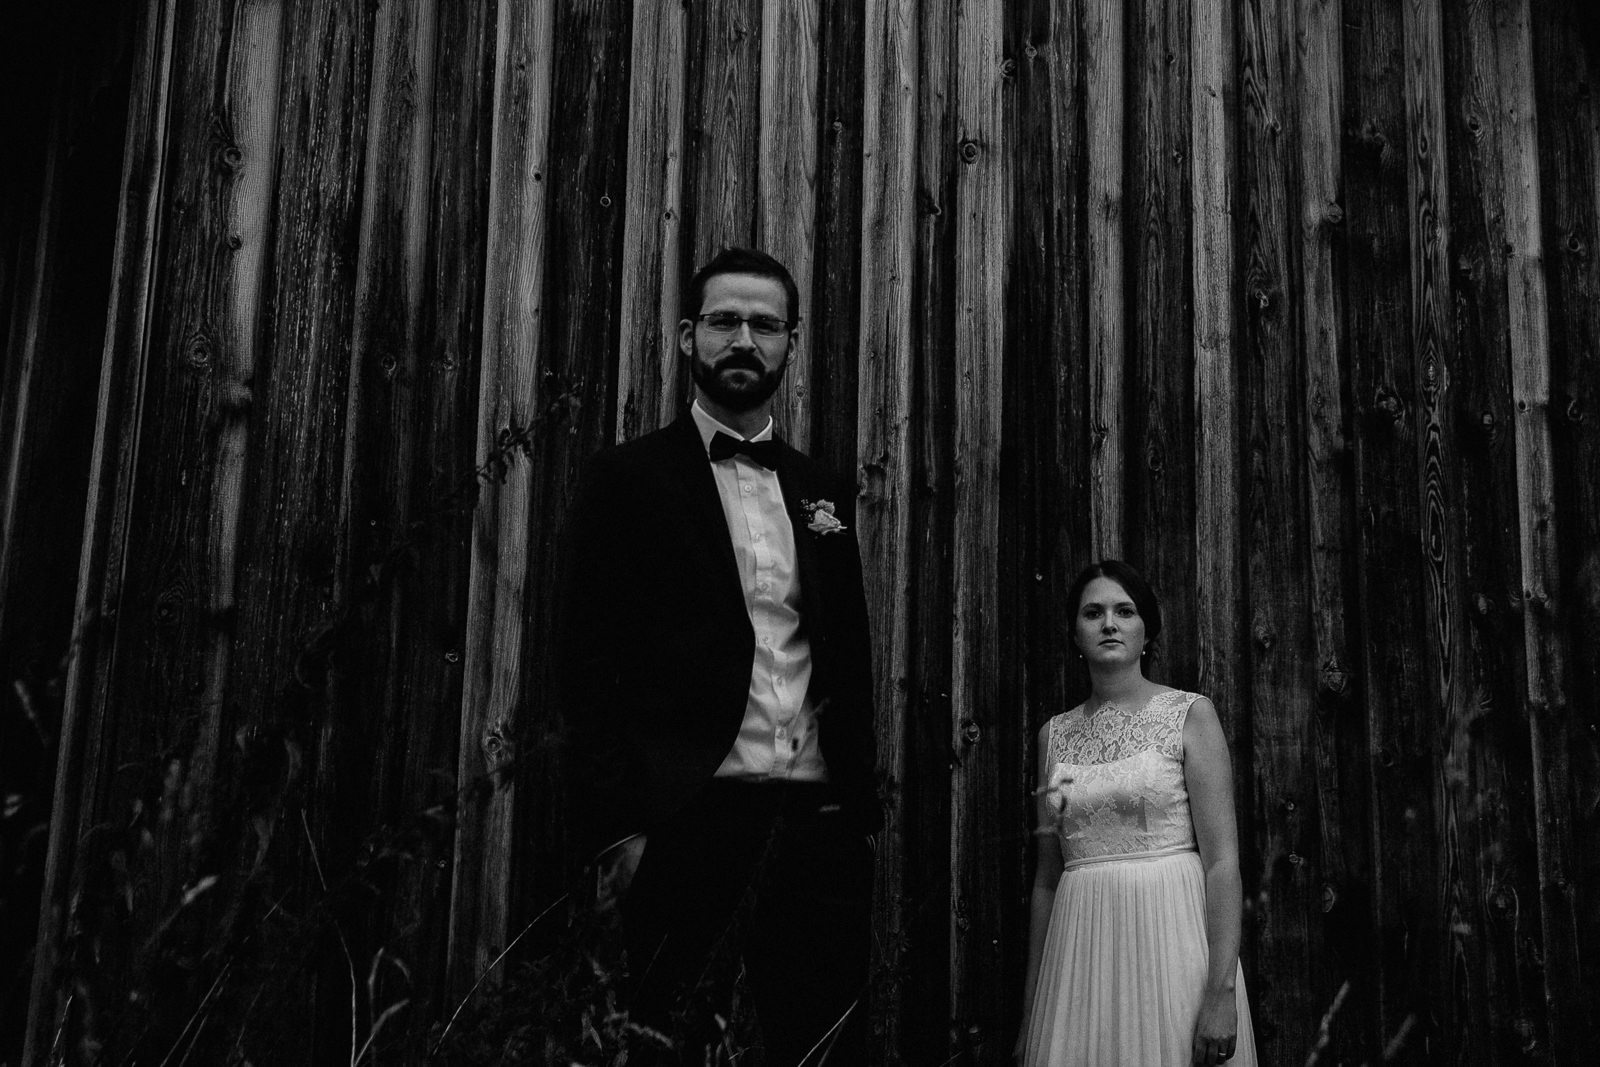 Hochzeitsfotograf Axel Link aus Wuerzburg war für eine freie Trauung outdoor im bayerischen Wald bei Regensburg.